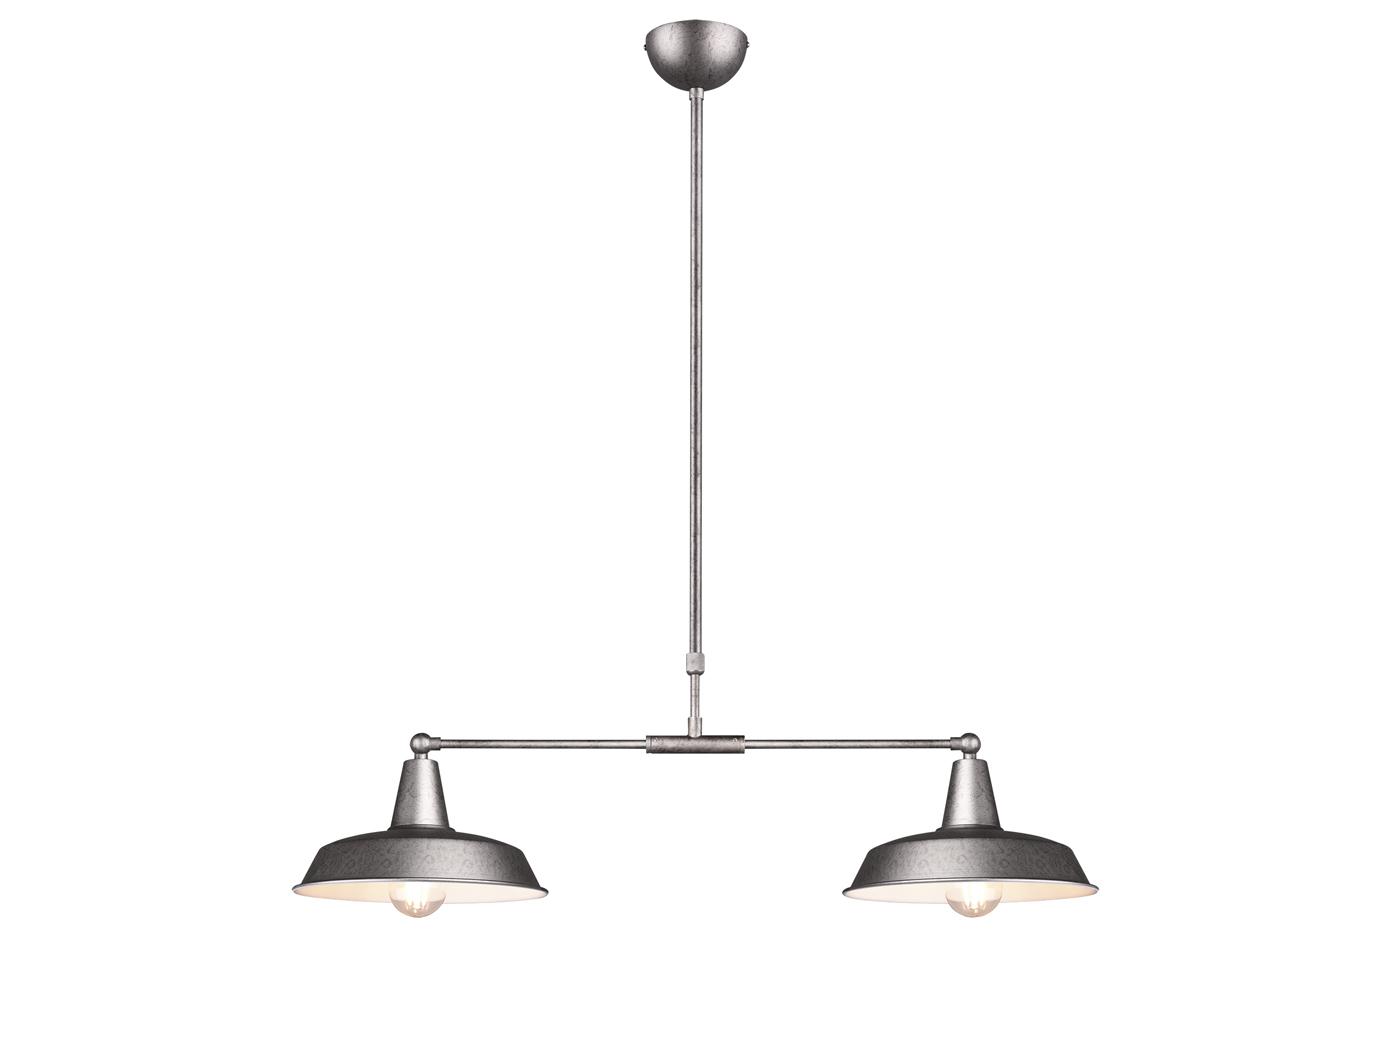 Dimmbare LED Pendelleuchte Silber 2flammig höhenverstellbar + bewegliche Schirme